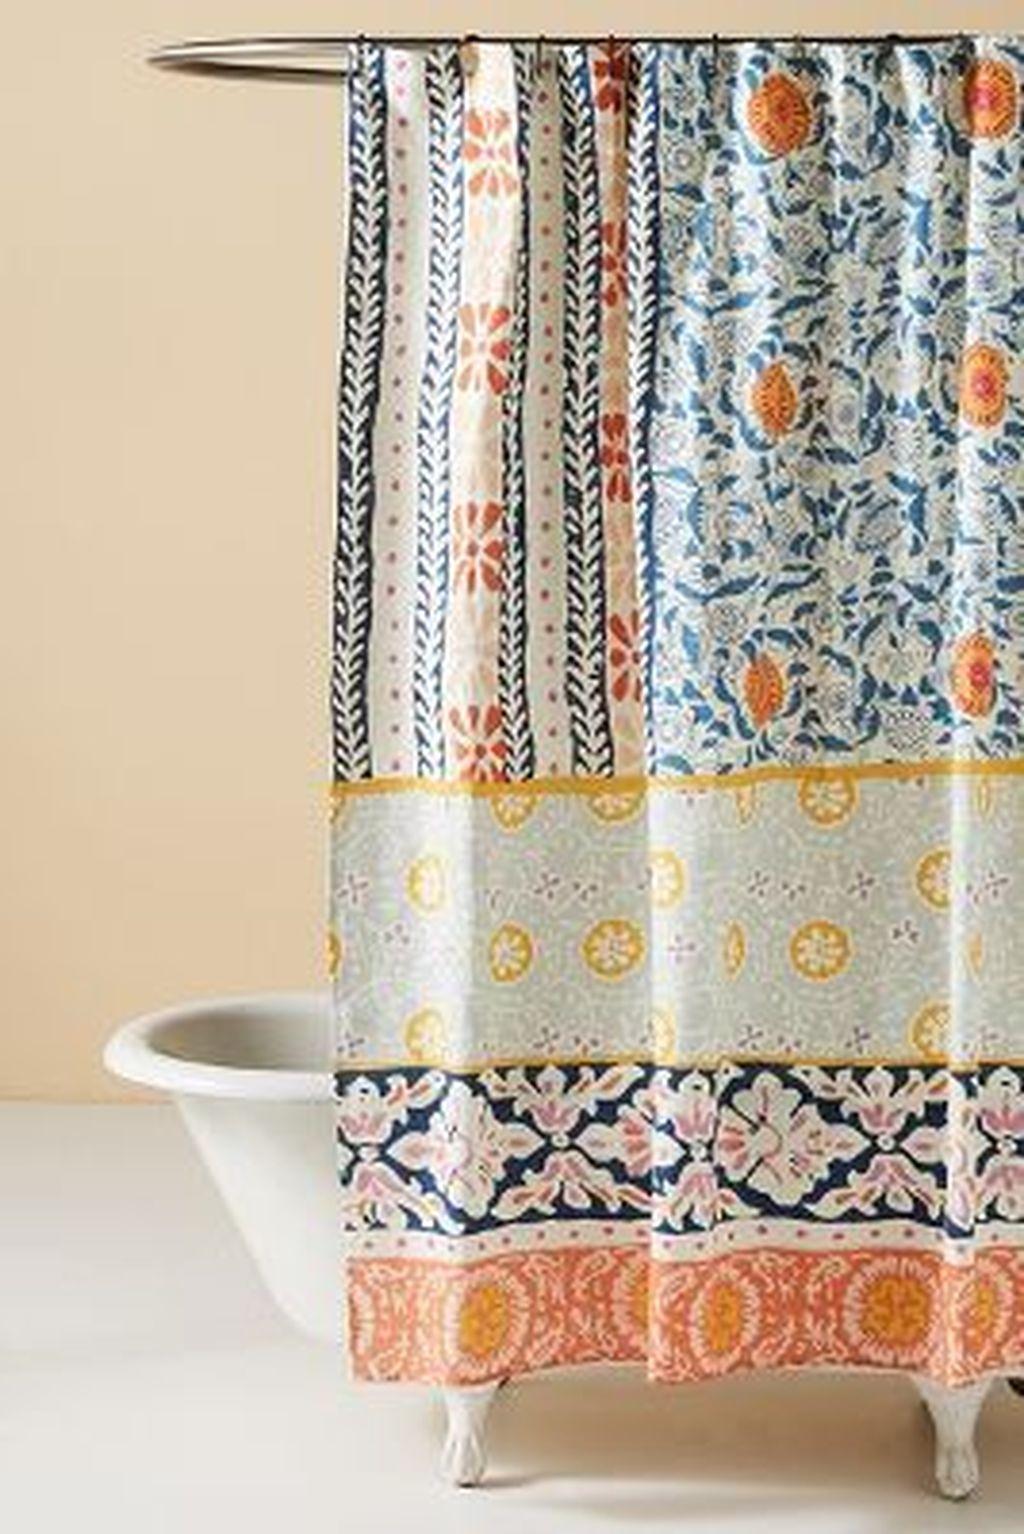 Fabulous Bathroom Design Ideas With Boho Curtains38